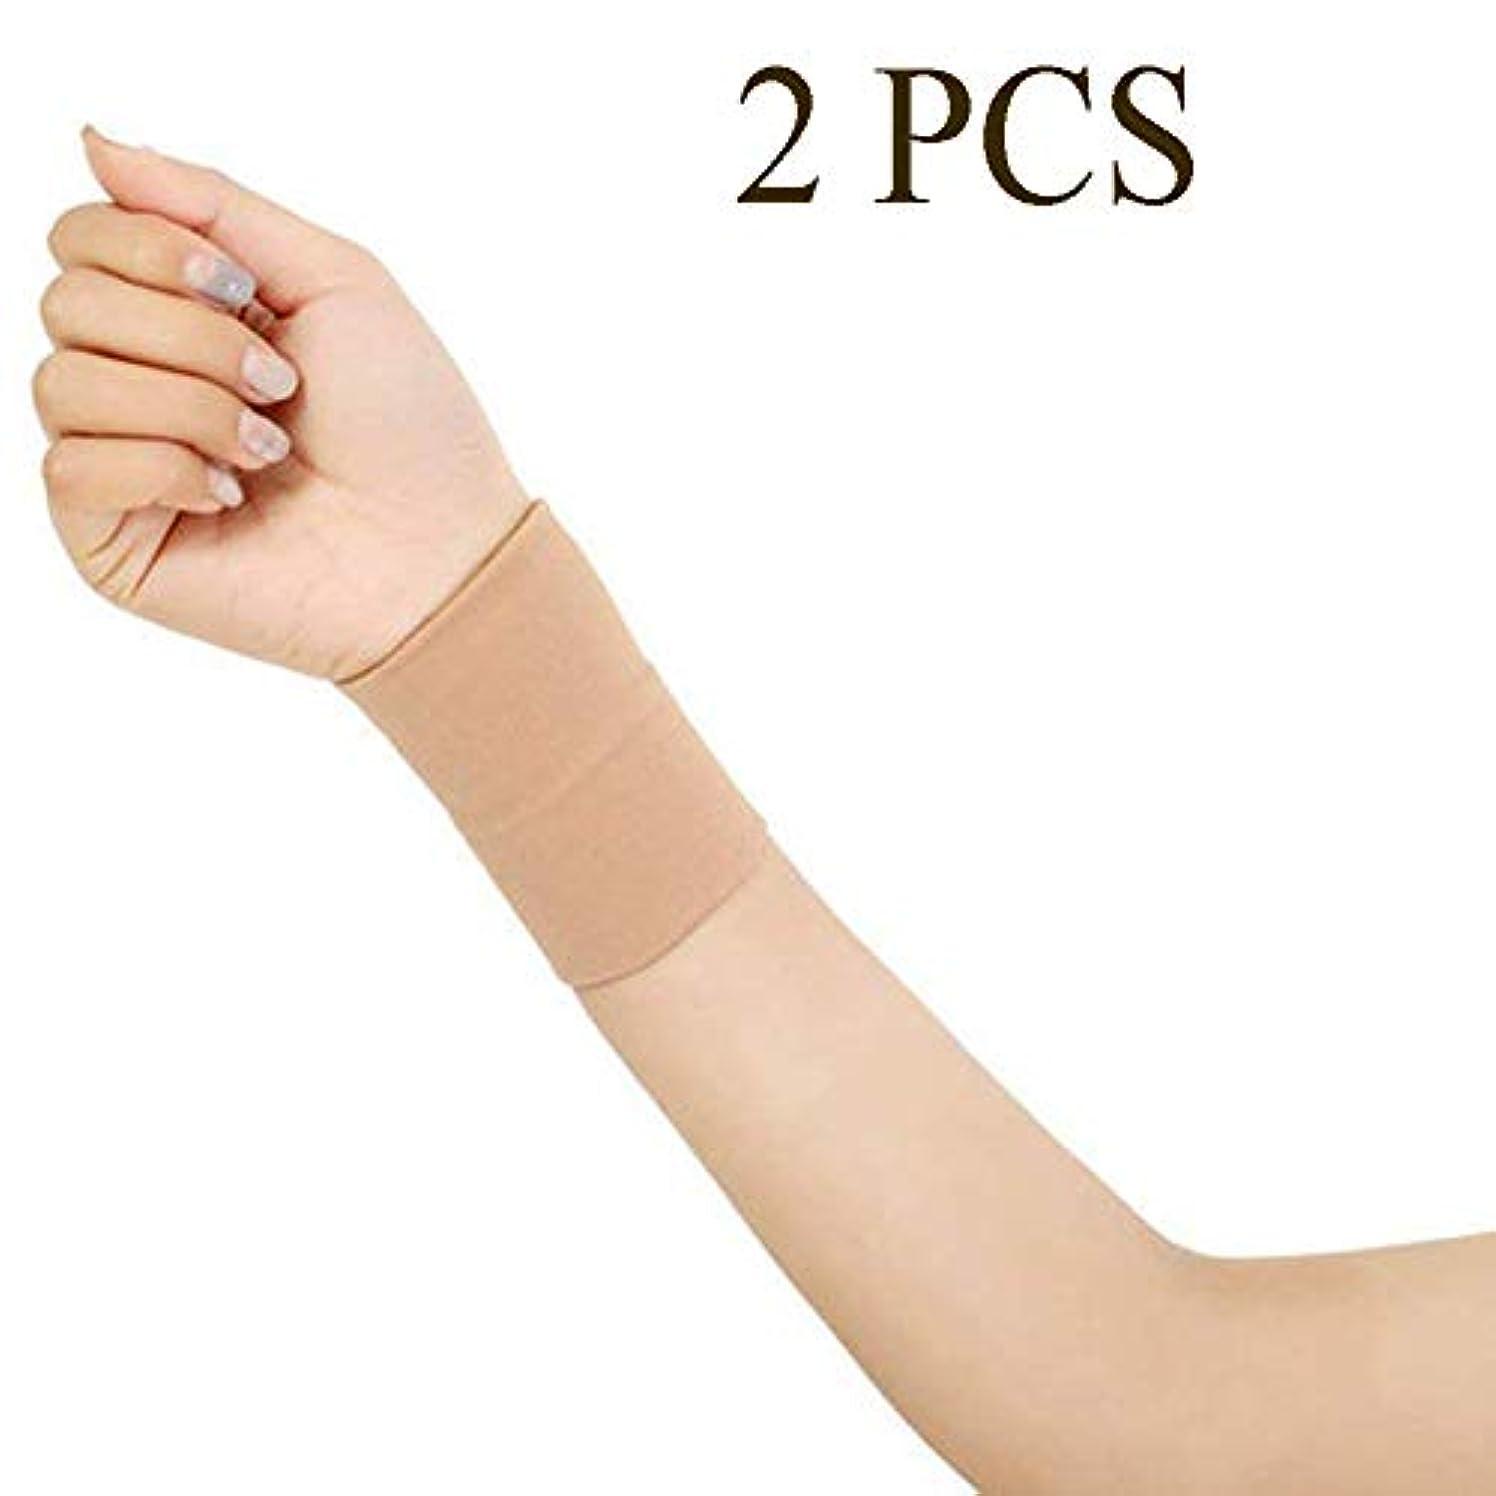 ハロウィンバルーン弓テニスジムスポーツ腱鞘炎関節痛1ペアのための手首のサポート圧縮手首スリーブブレースサポート回復ブレースラップスリーブユニセックス,XL